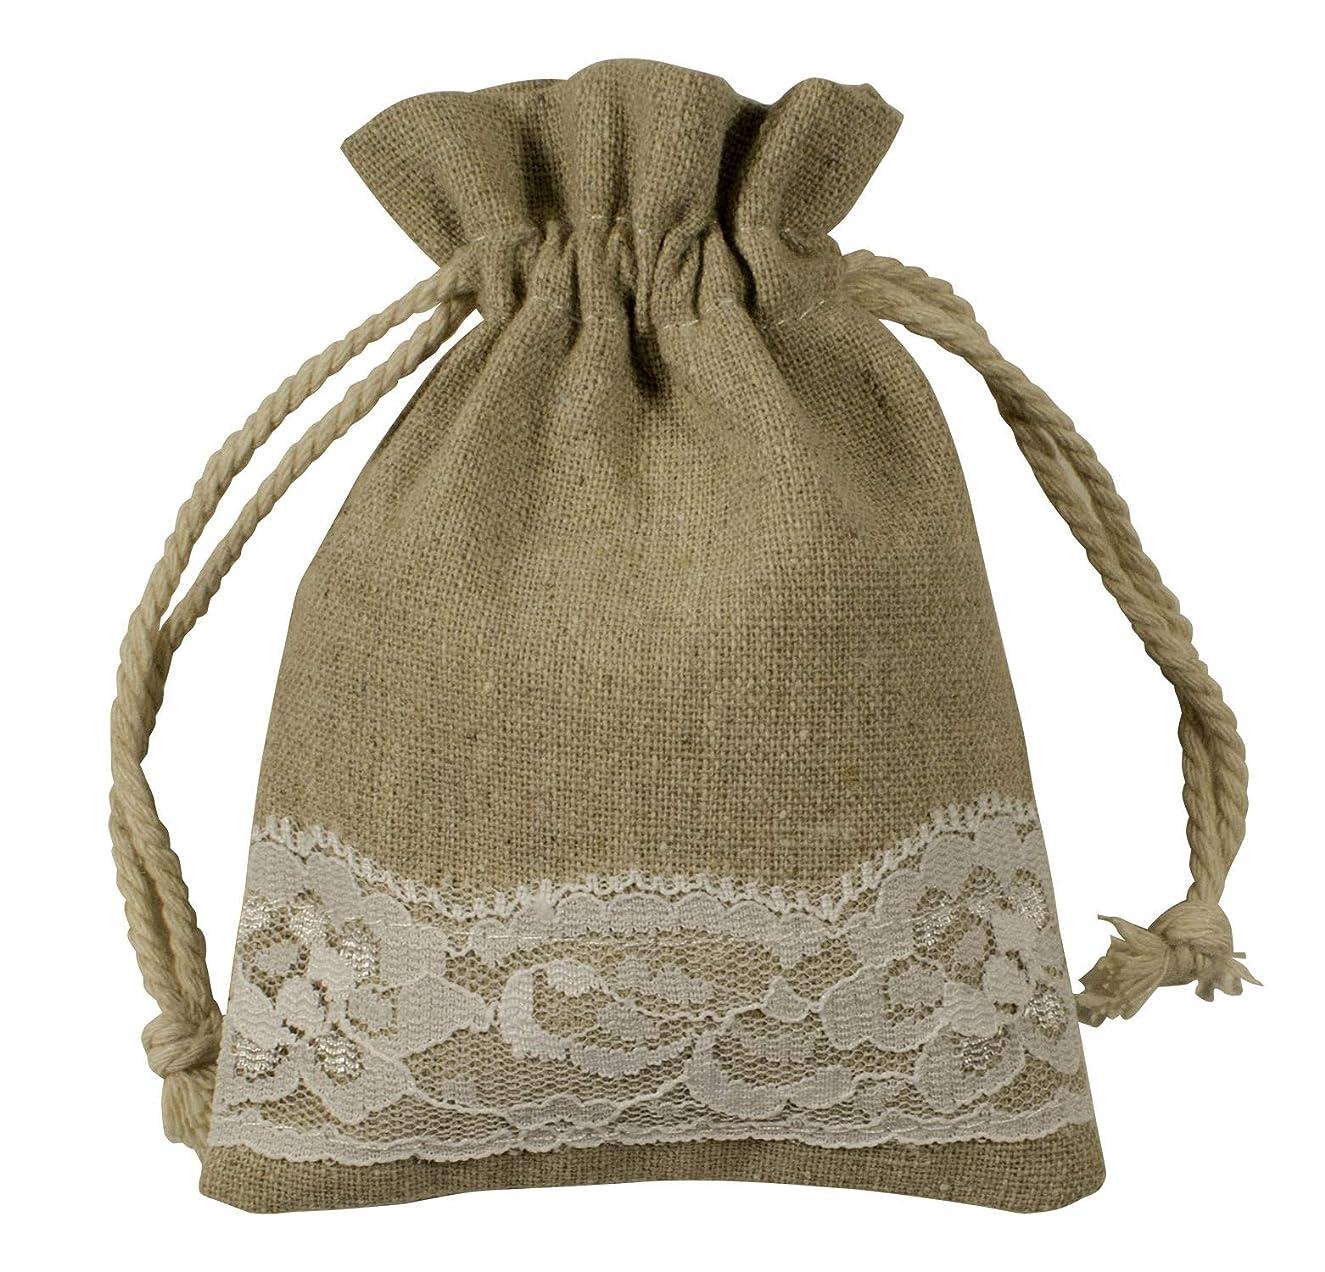 Burlap & Lace Drawstring Bag- 25Pack -3.5